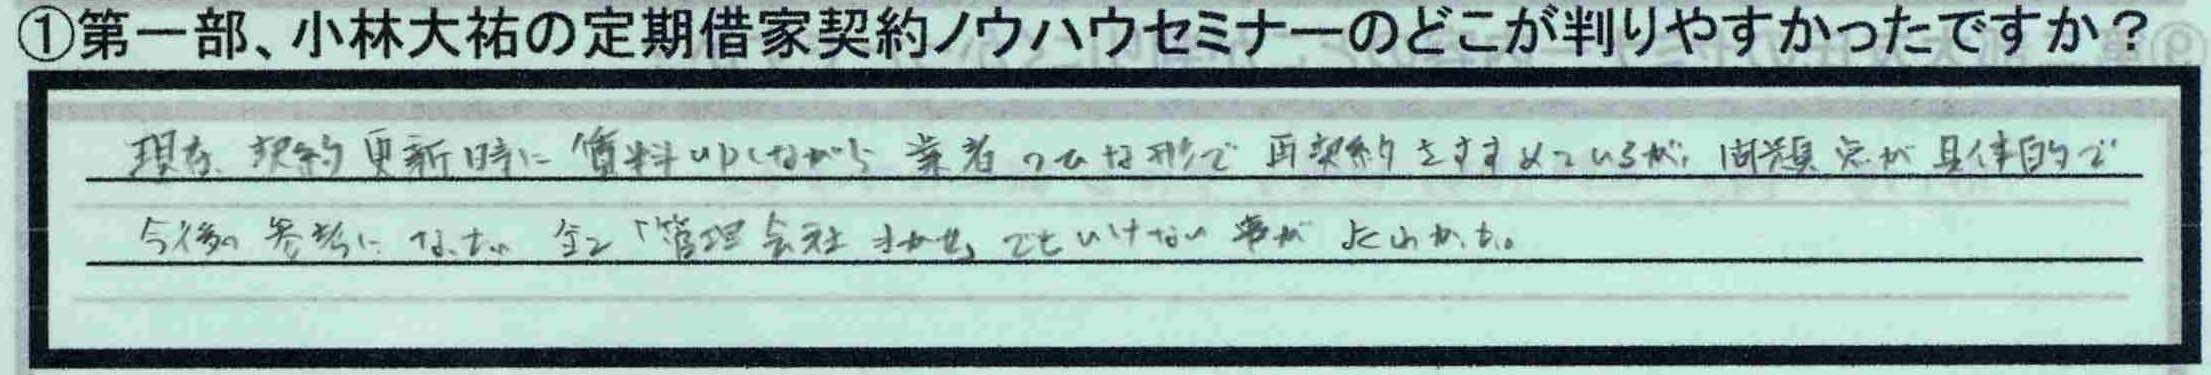 【静岡県浜松市】【I.Yさん】【どこが判りやすかったか?】